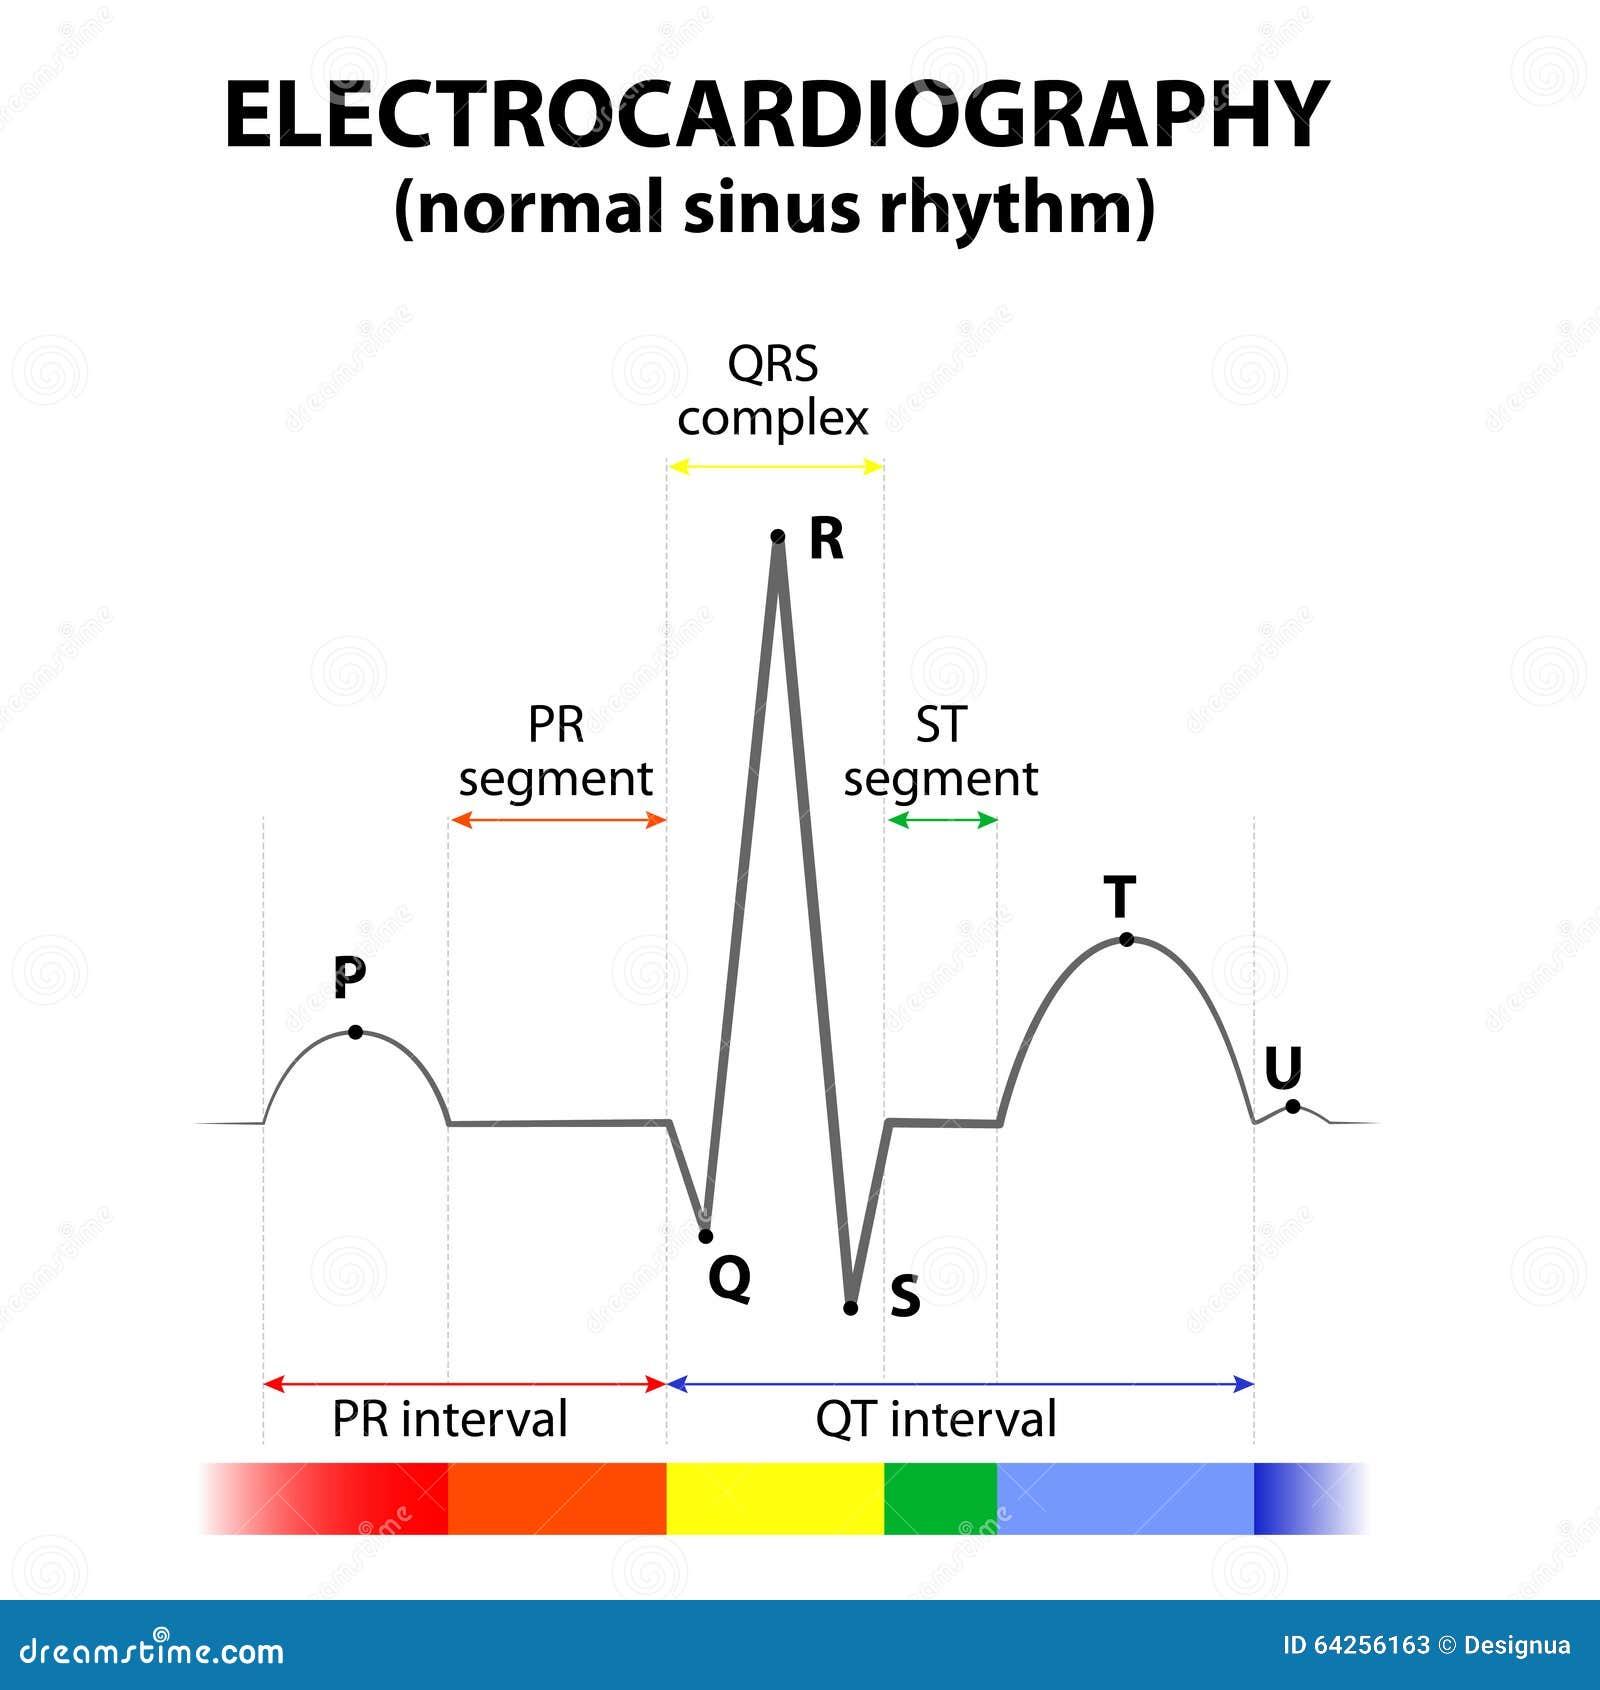 ECG of a heart in normal sinus rhythm